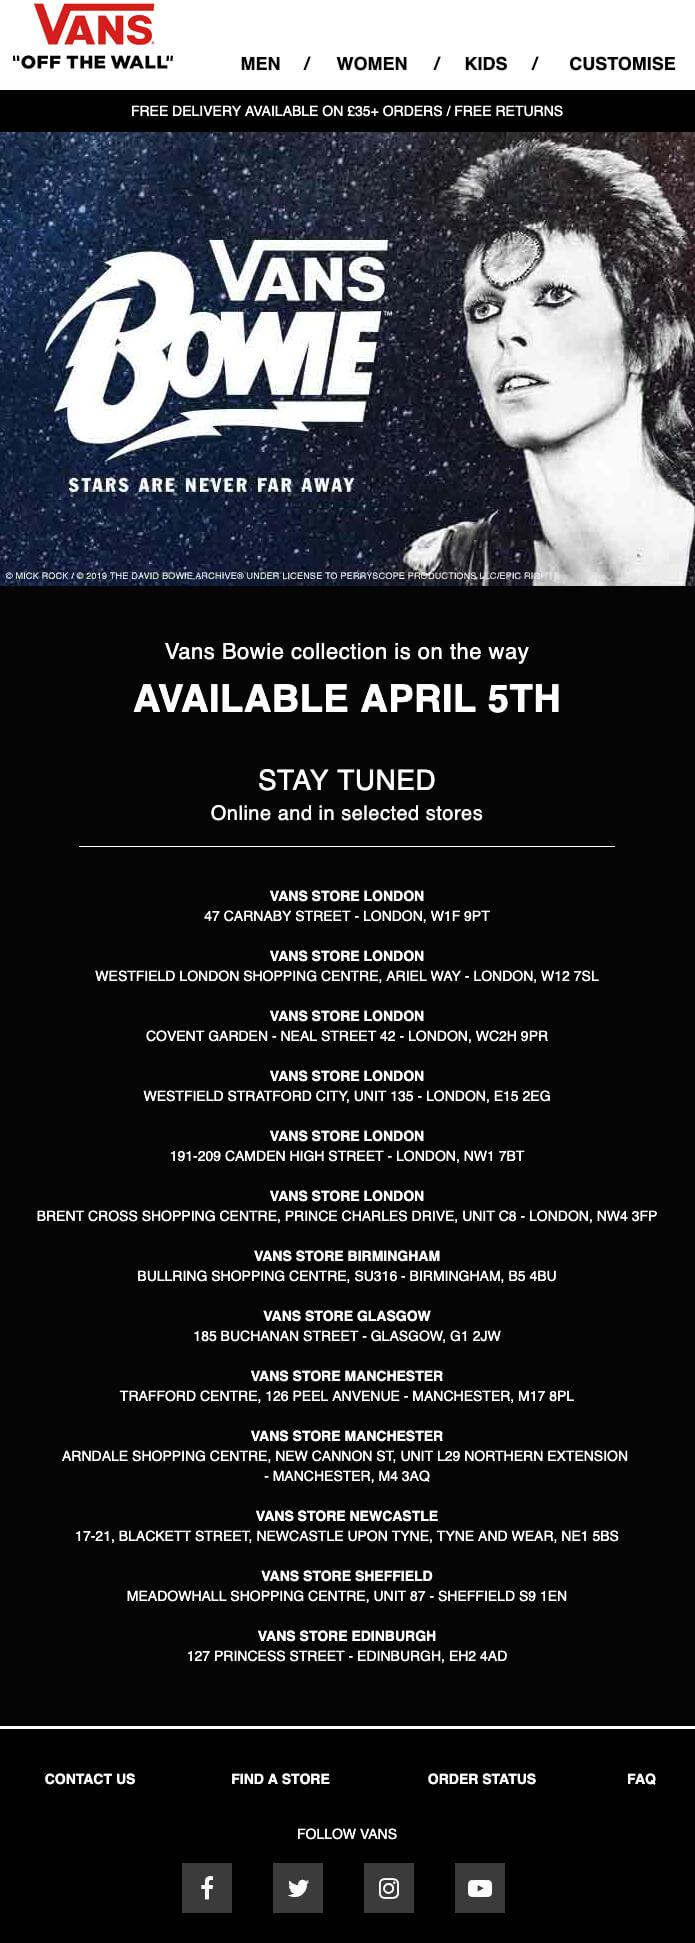 Bowie Vans teaser announcement email